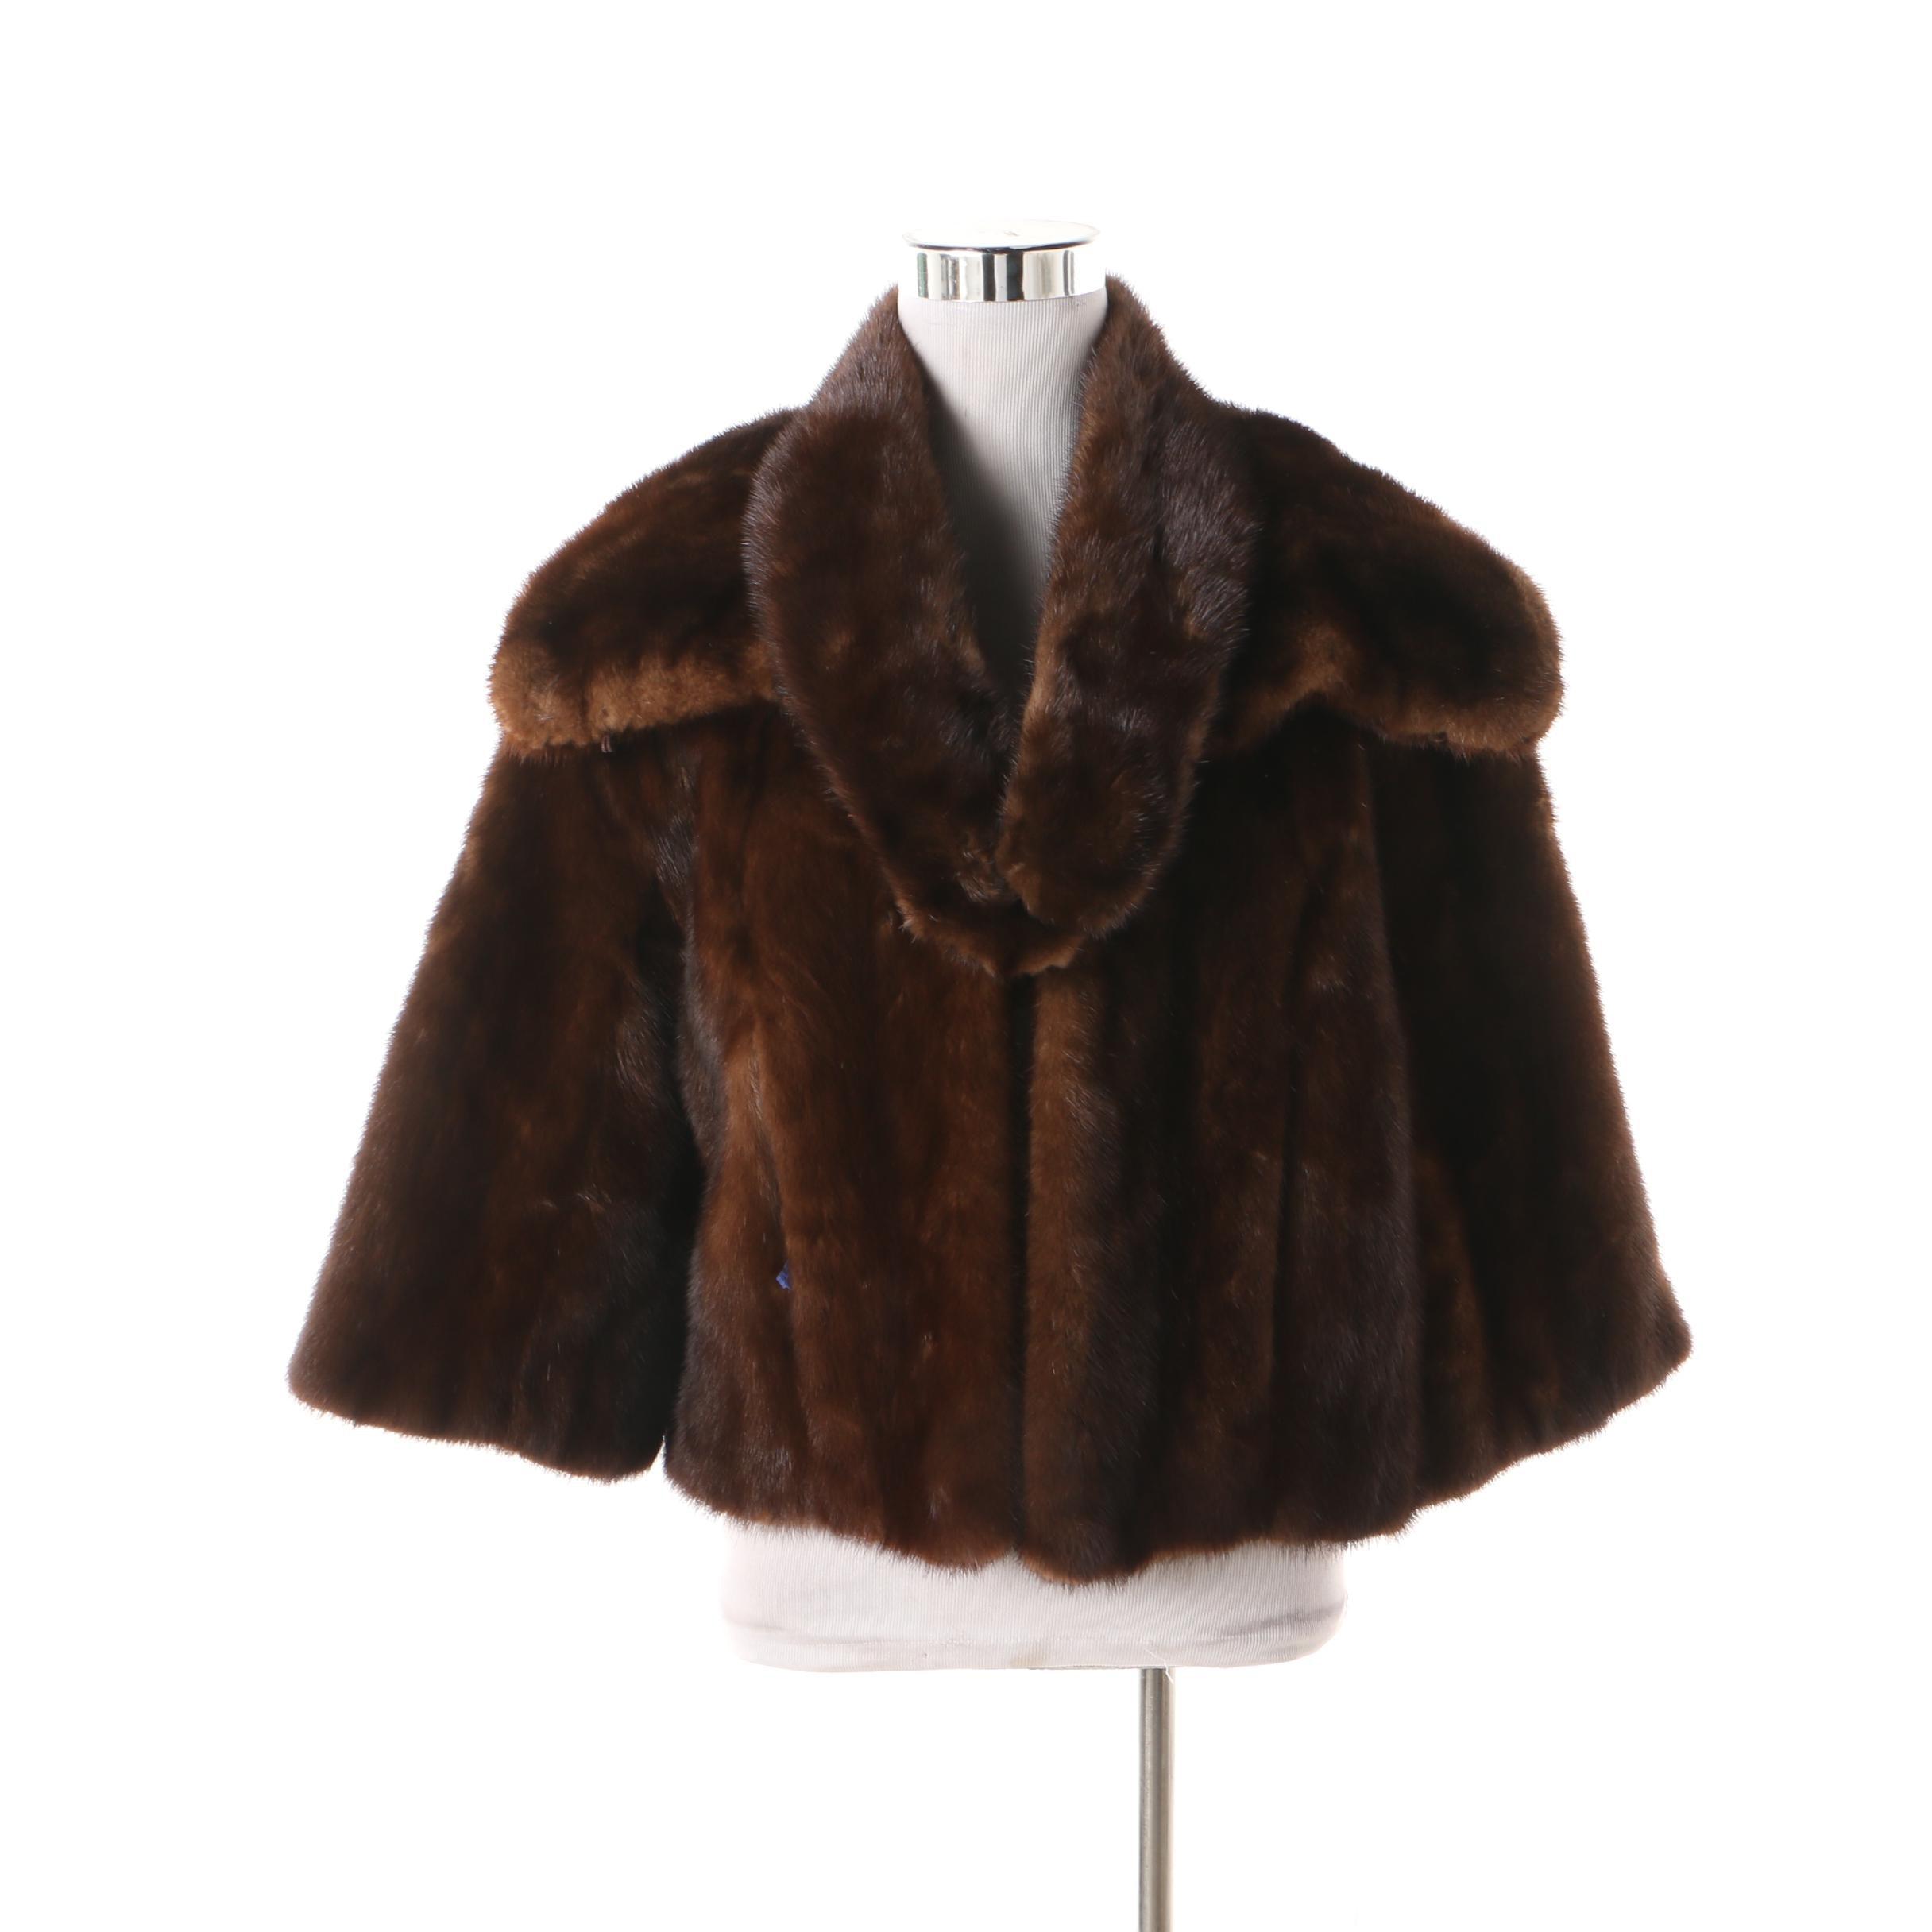 Women's 1960s Vintage Charles Anger & Son Mink Fur Jacket and Mink Fur Collar